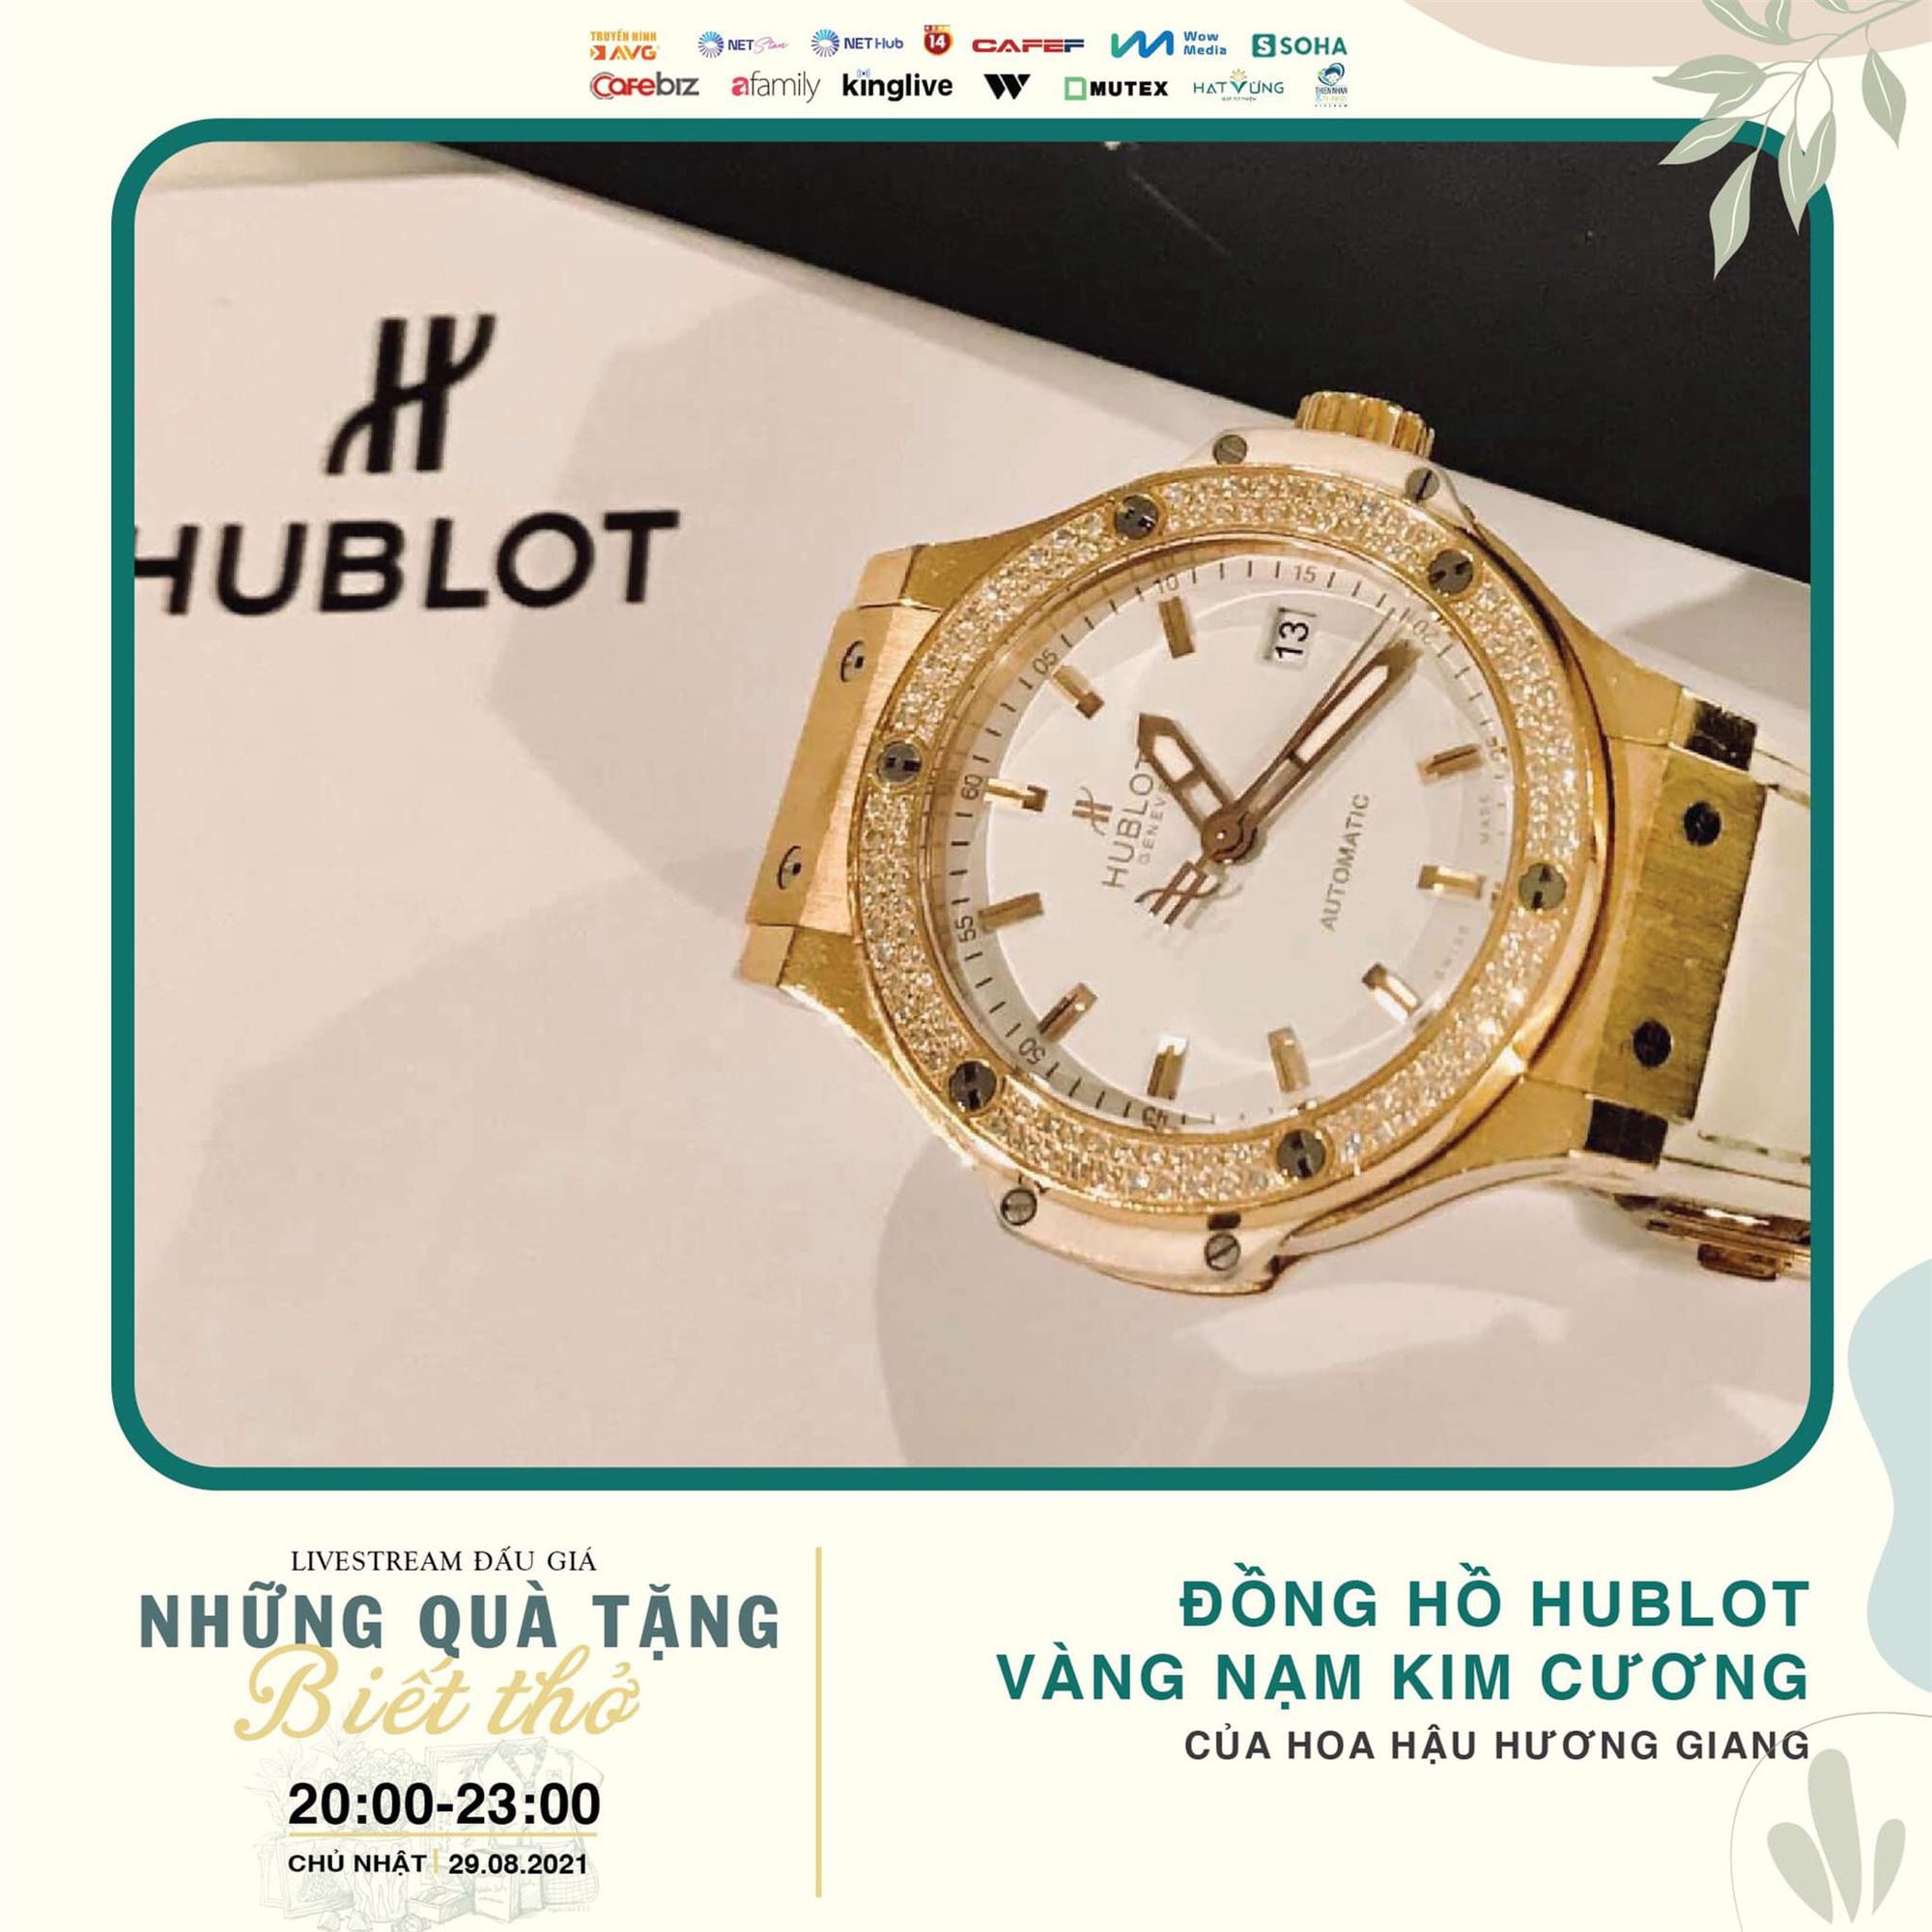 Đồng hồ kim cương của Hoa hậu Hương Giang được bán được 699 triệu đồng, ủng hộ tiền mua máy thở - Ảnh 1.